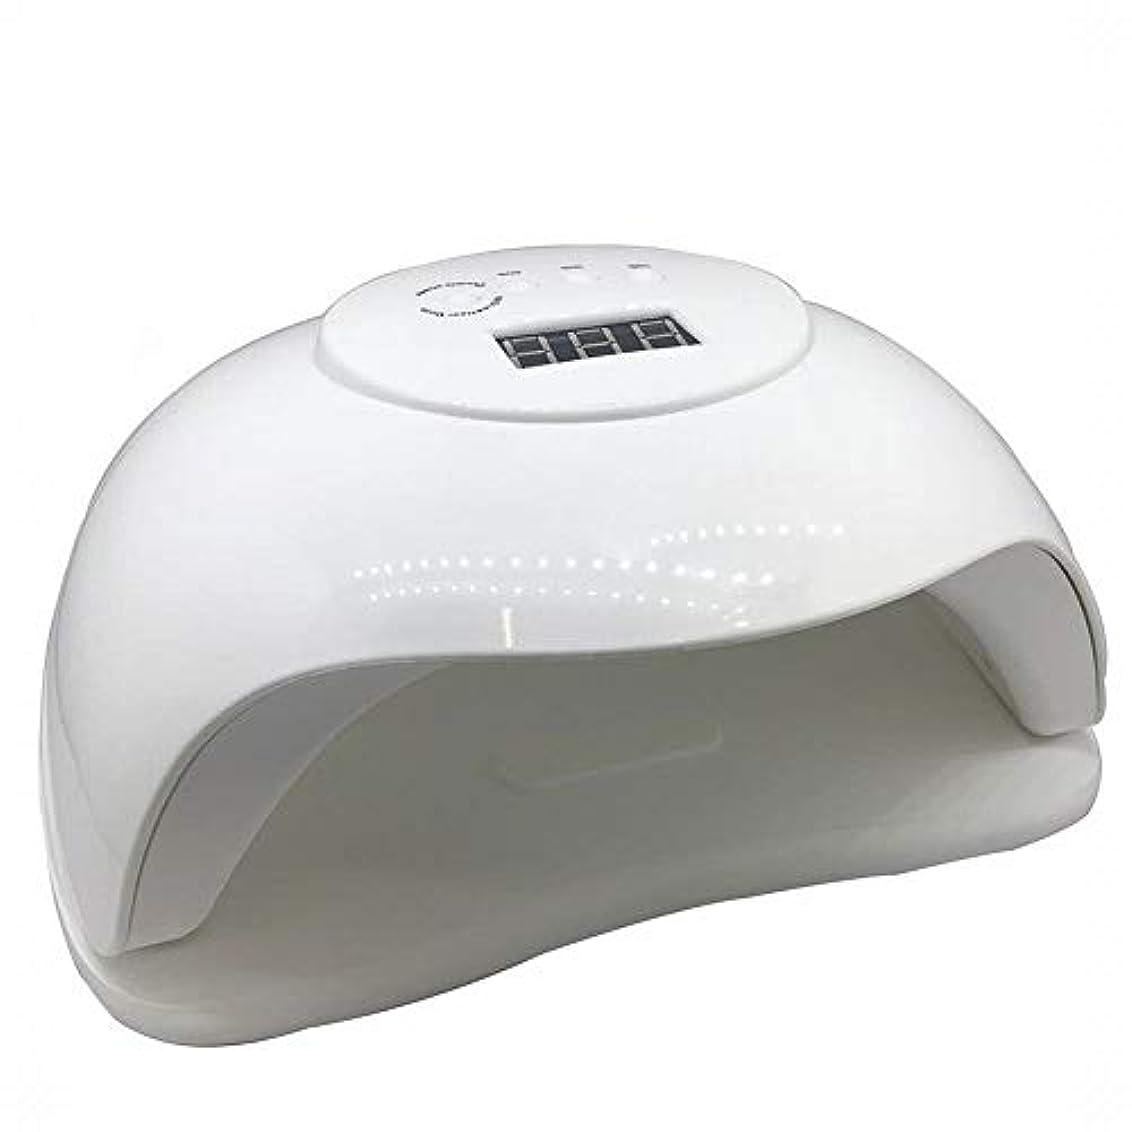 YESONEEP ネイルランプ72ワットネイル機10 S光線療法ランプ充電ネイル光線療法機ledネイルツールドライヤー (Size : 72W)